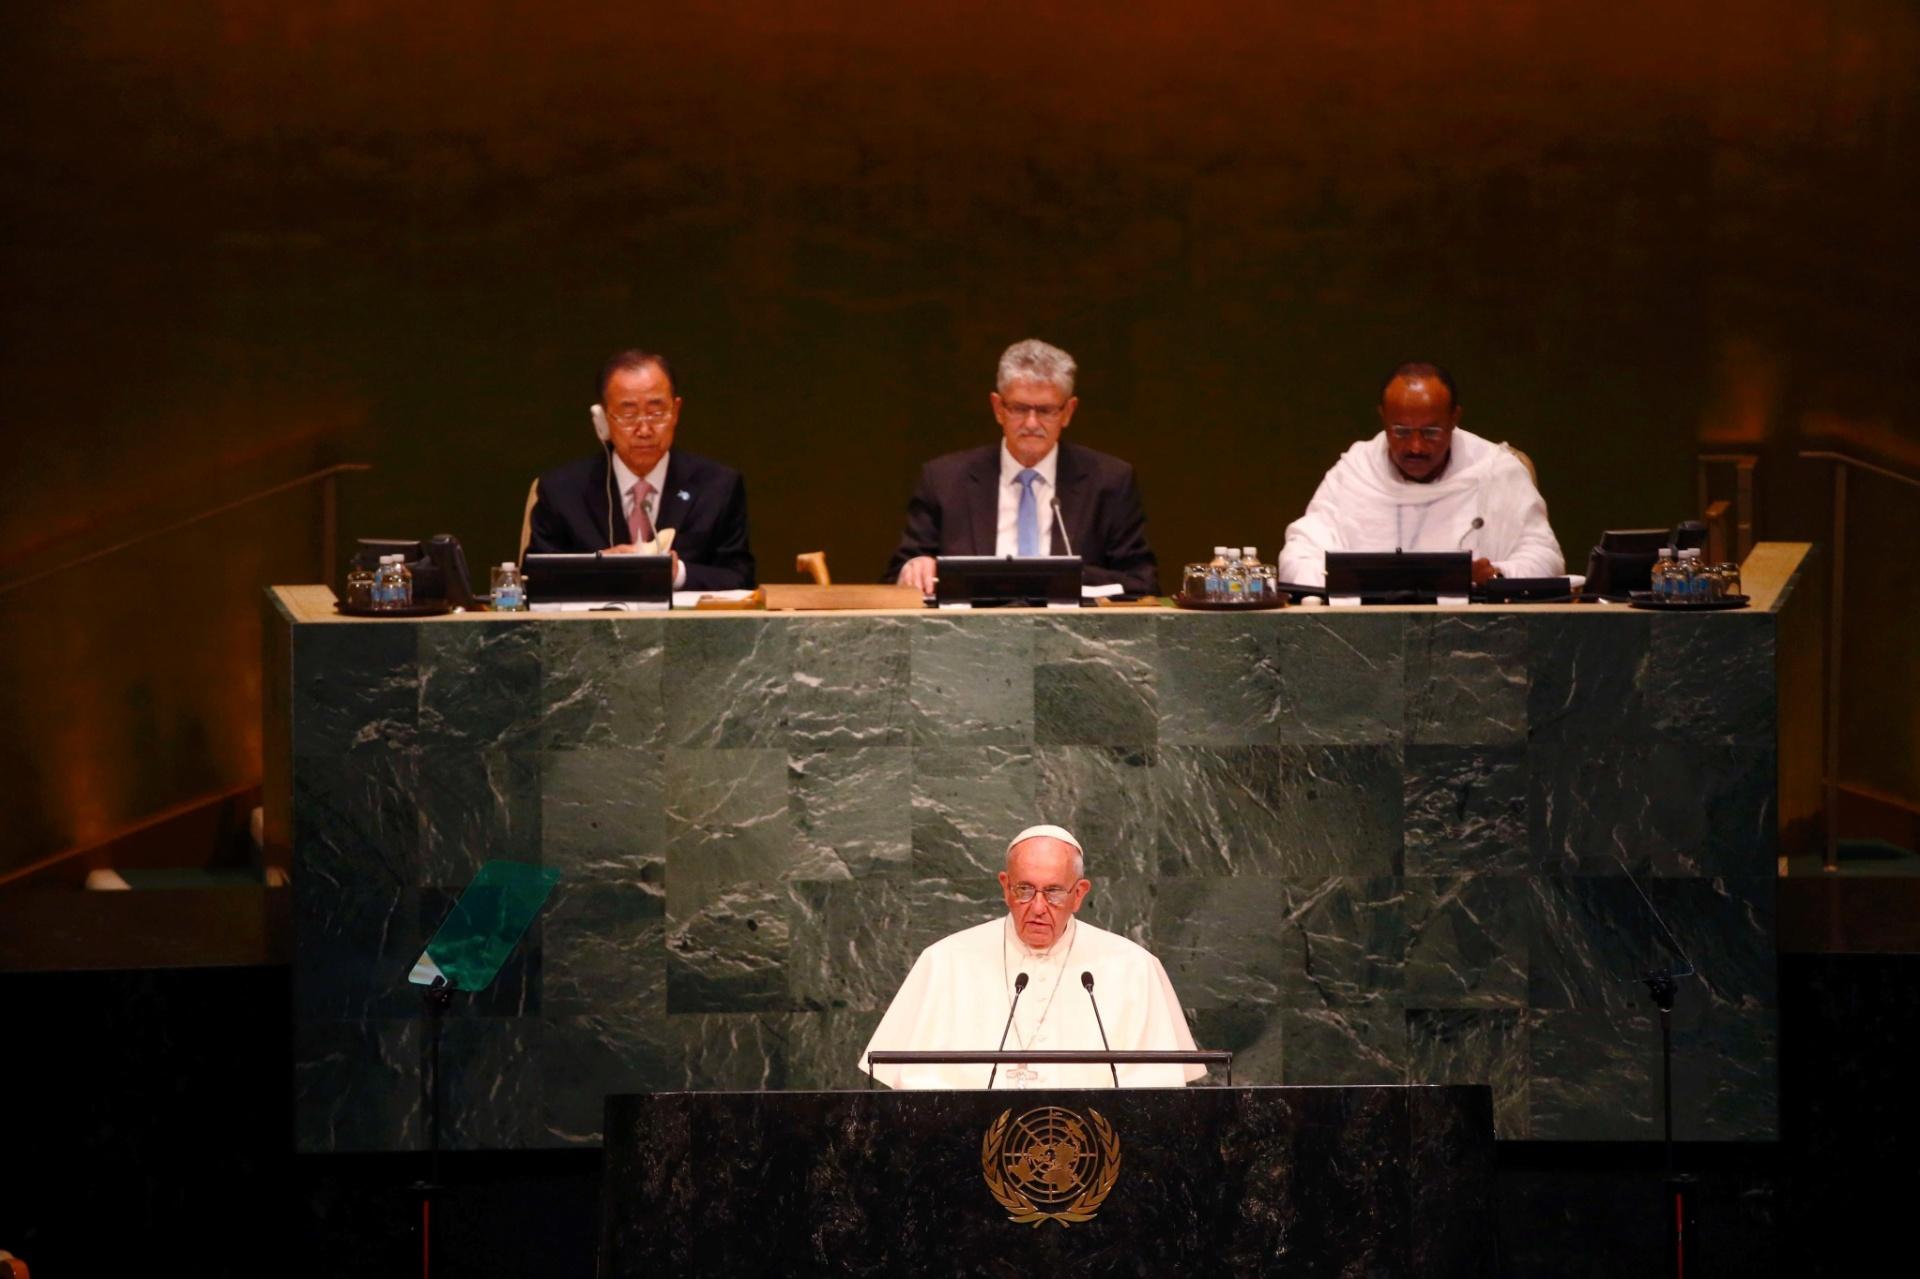 25.set.2015 - Papa Francisco discursa para líderes internacionais em prévia da abertura da Assembleia Geral das Nações Unidas, em Nova York. Ele defendeu a educação como caminho para a erradicação da pobreza